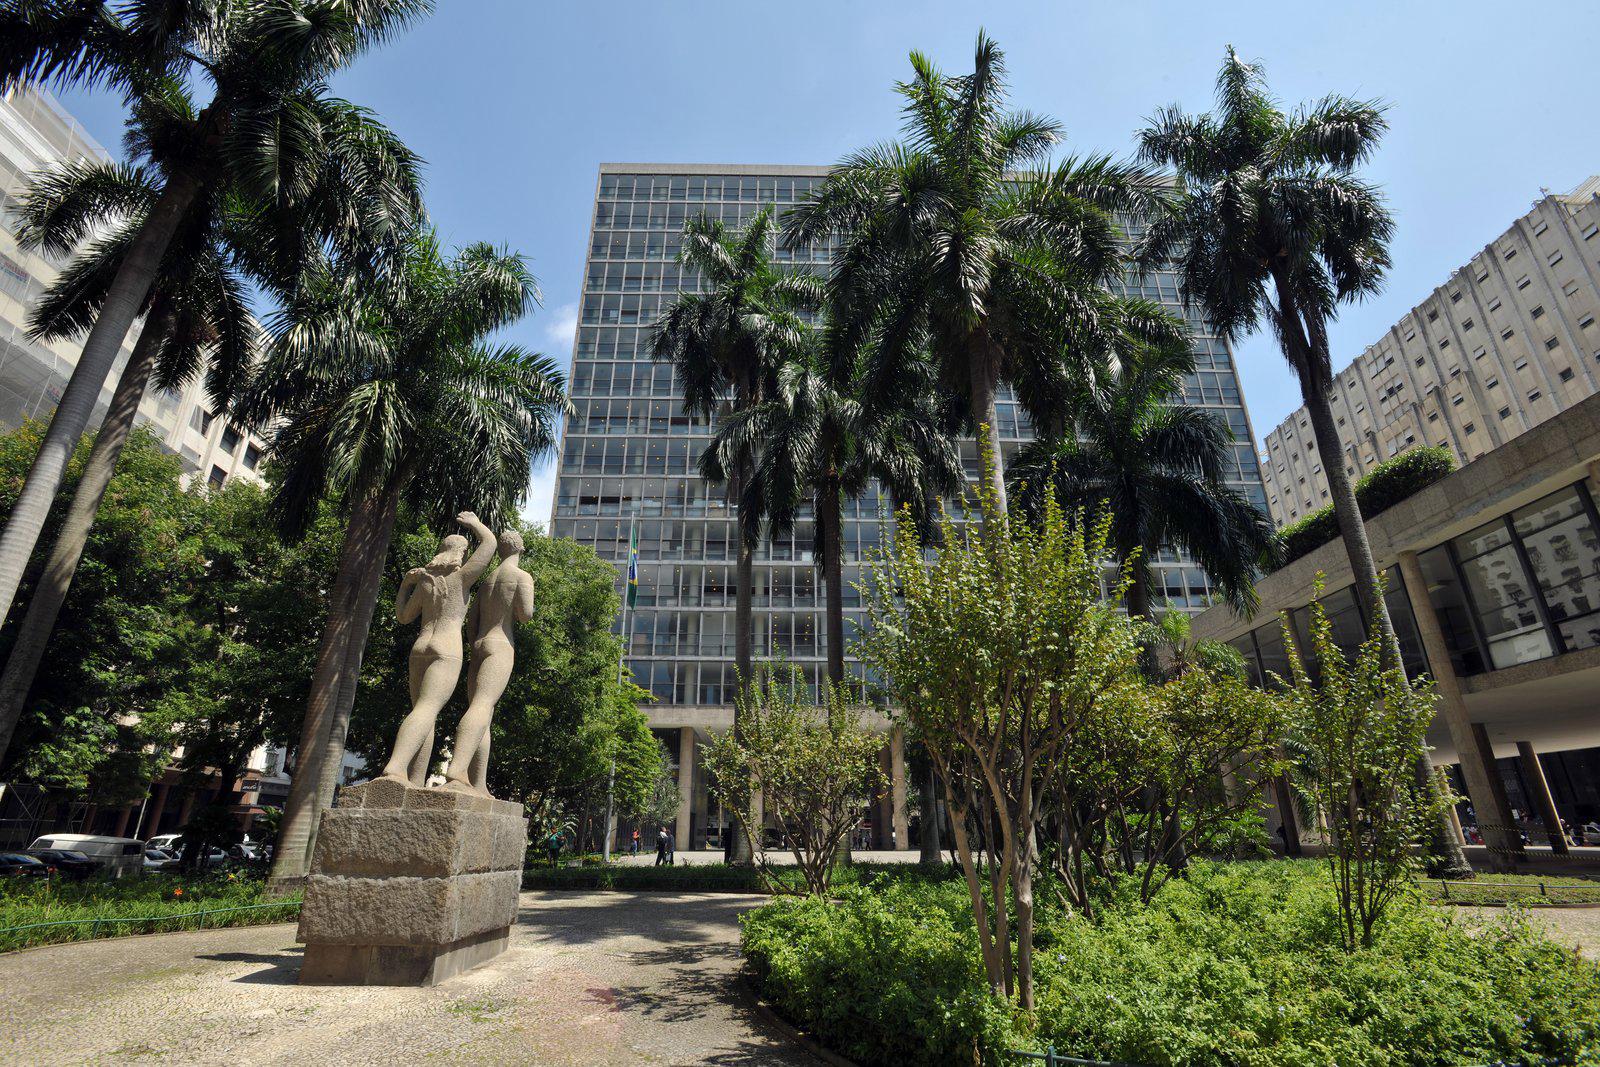 O Palácio Gustavo Capanema (1936 e 1947) é um dos primeiros arranha-céus com fachada toda de vidro construído no mundo.